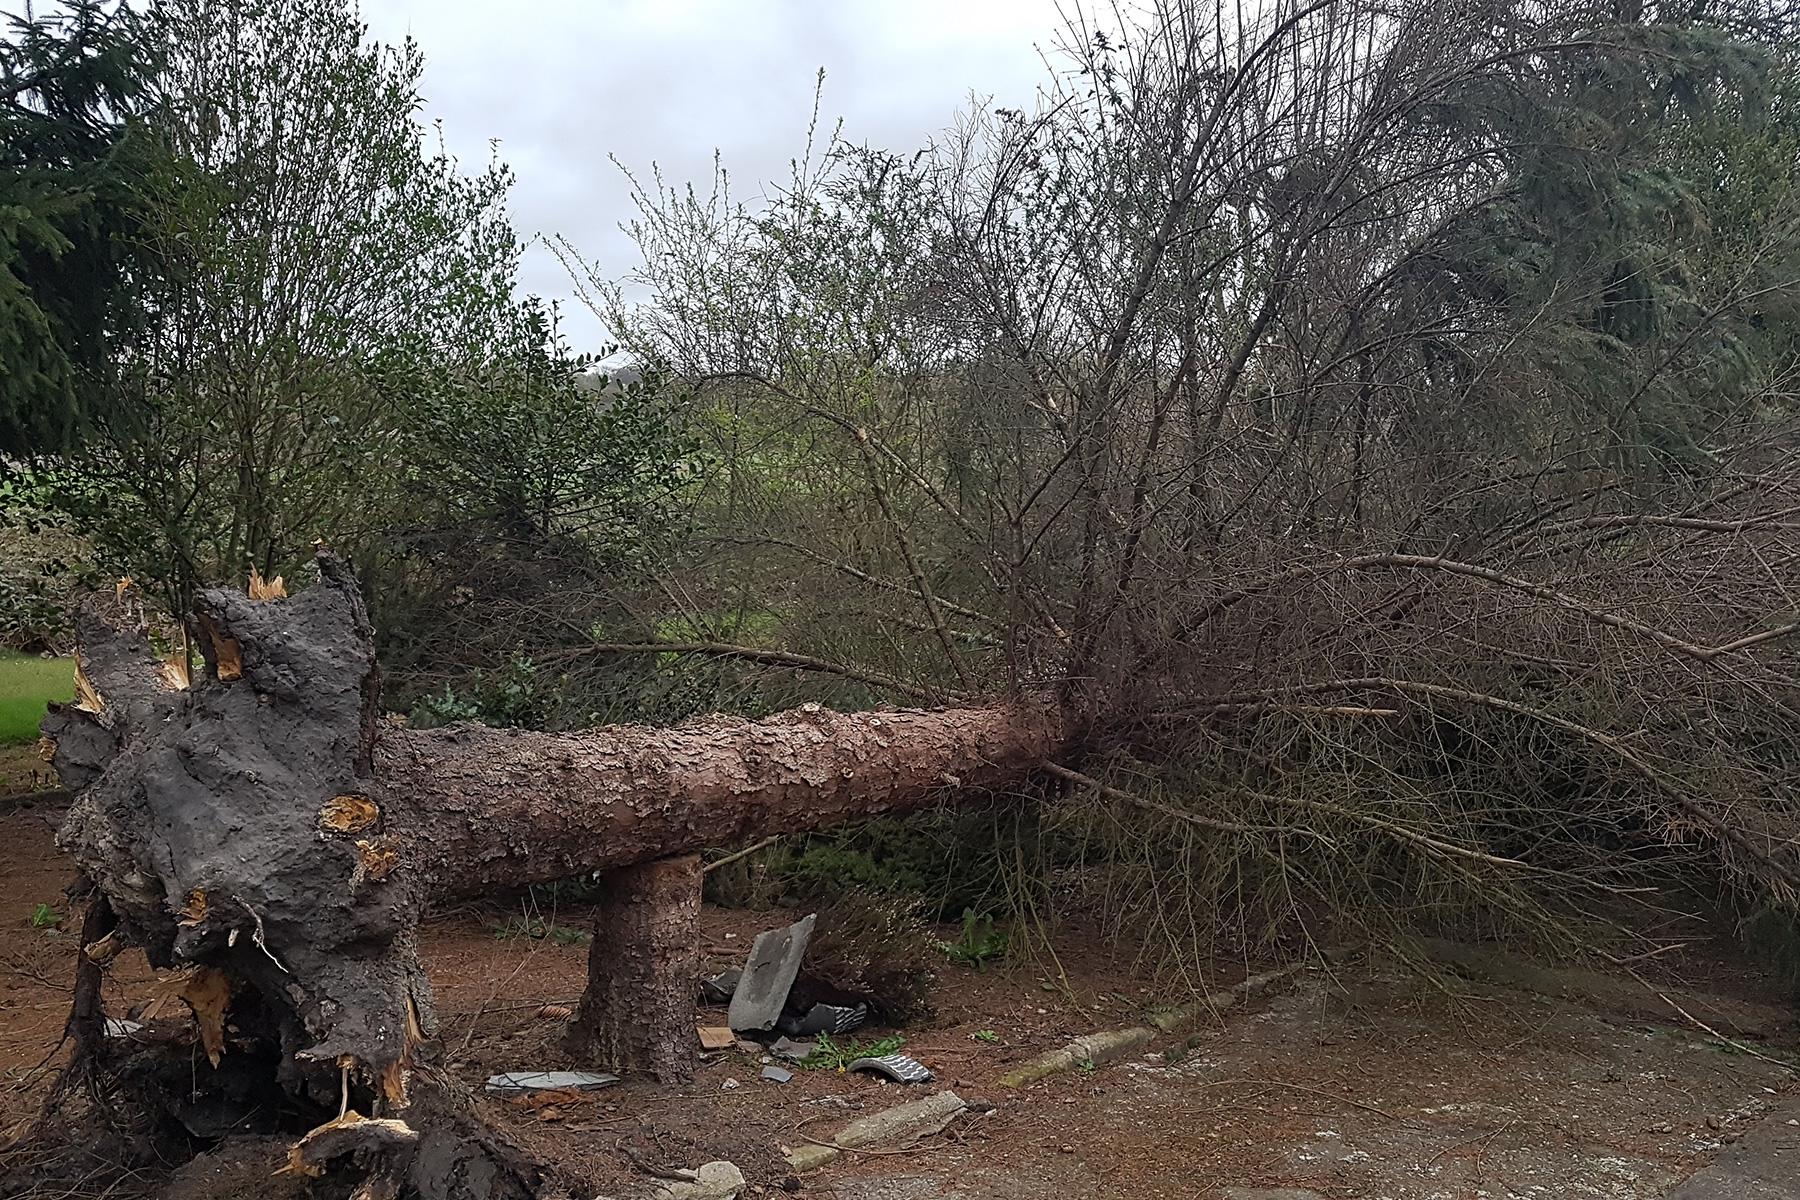 Baumdienst Baumpflege Sturmschadenbeseitigung Wojtkowski